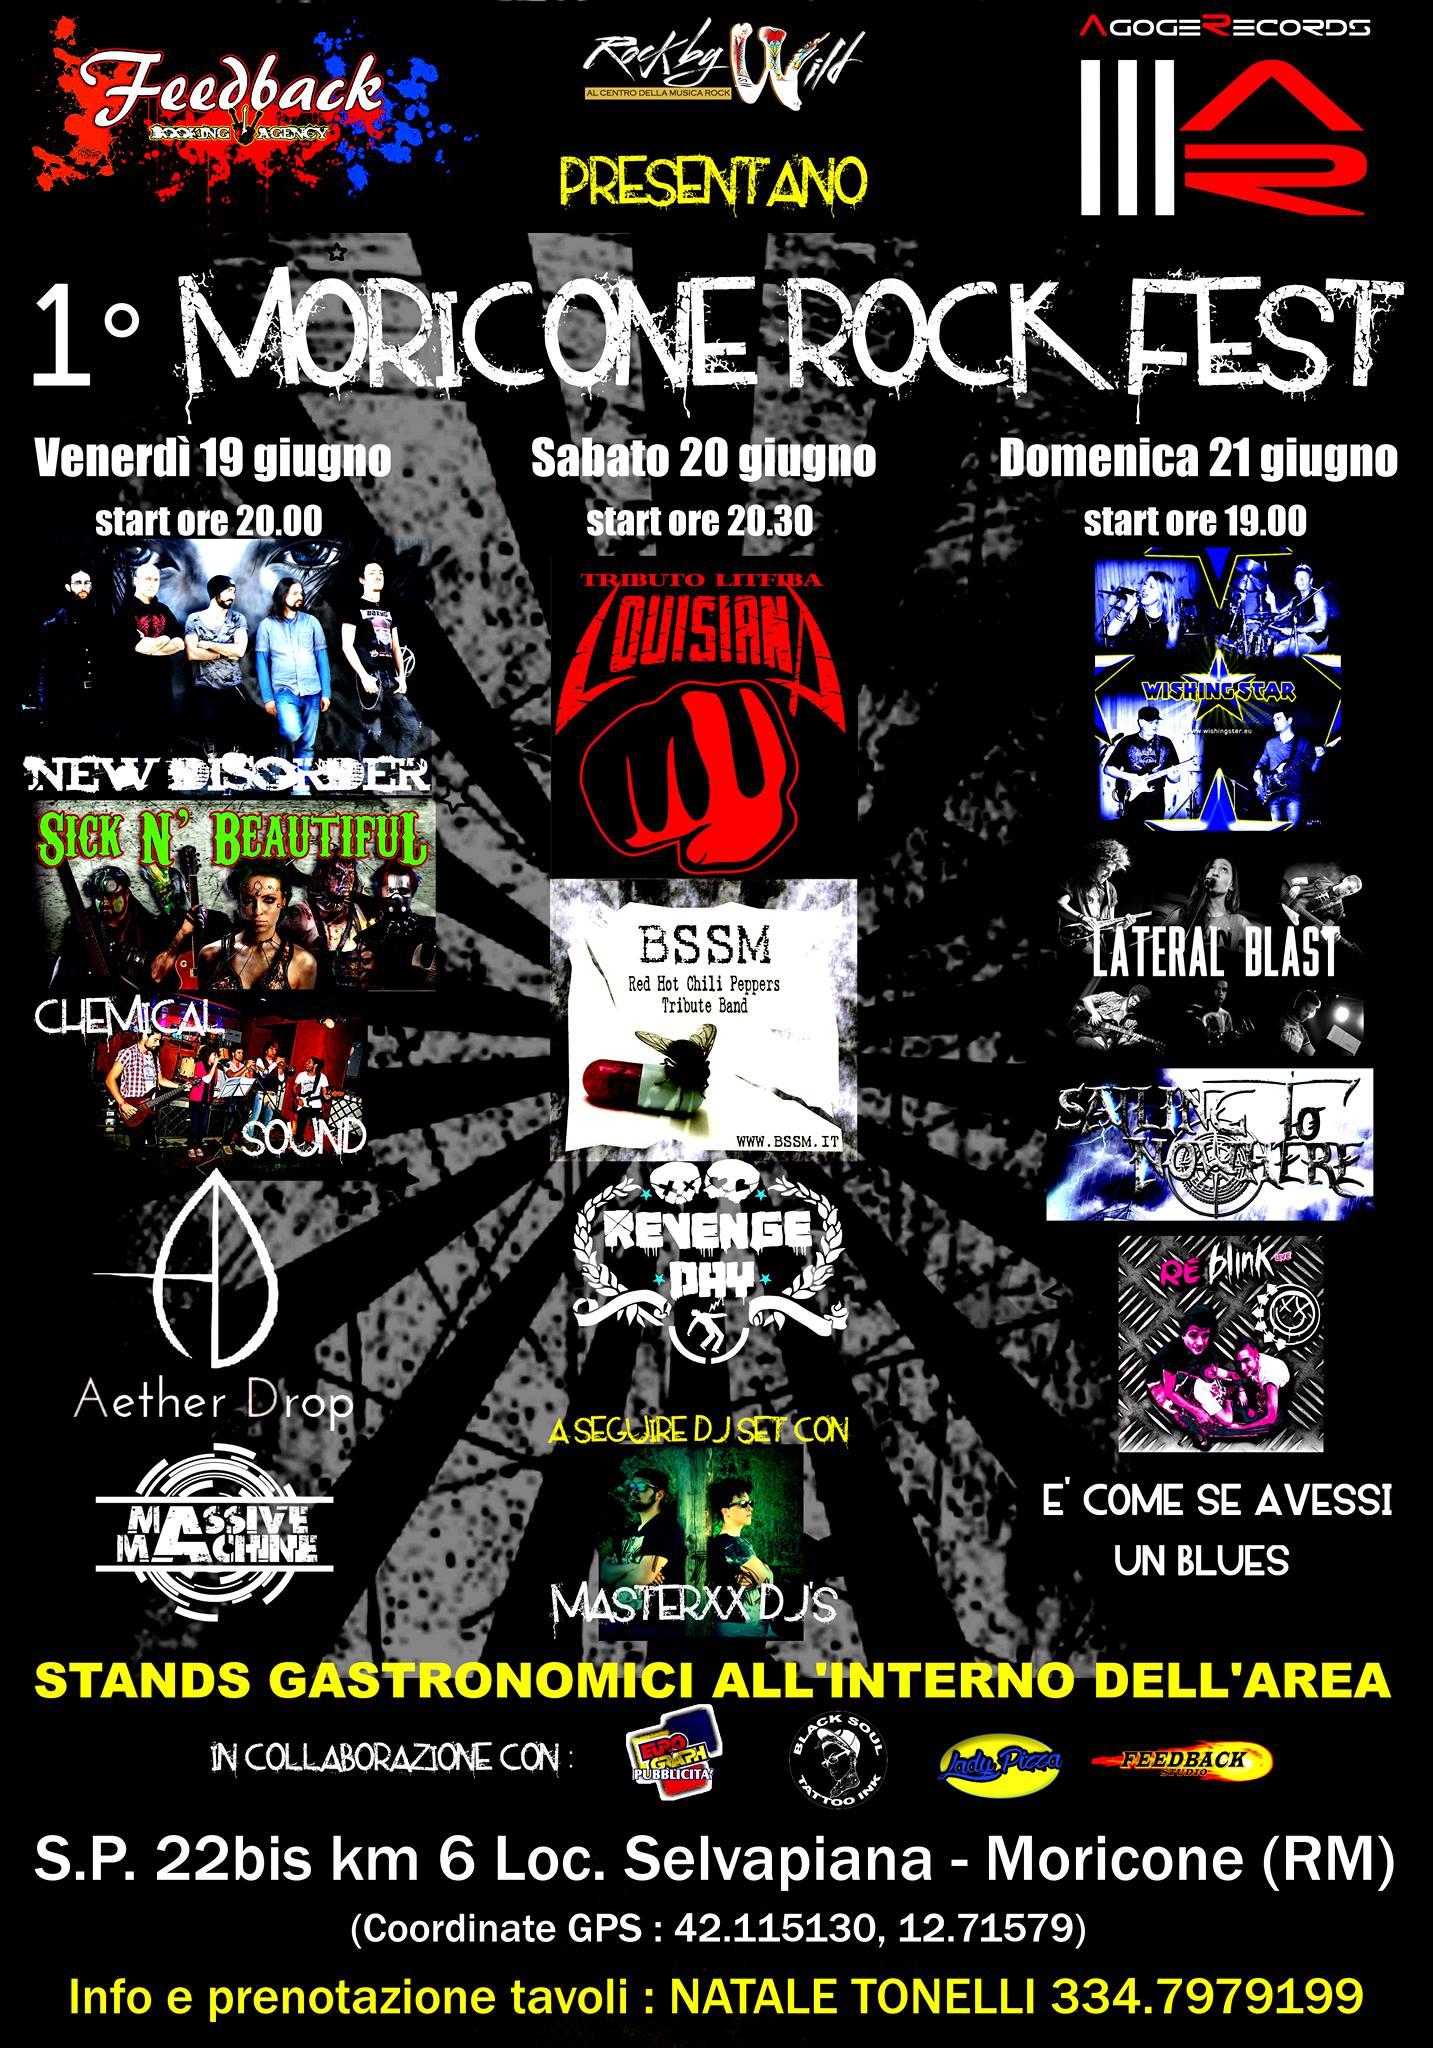 Moricone Rock Fest - 19-21 giugno 2015